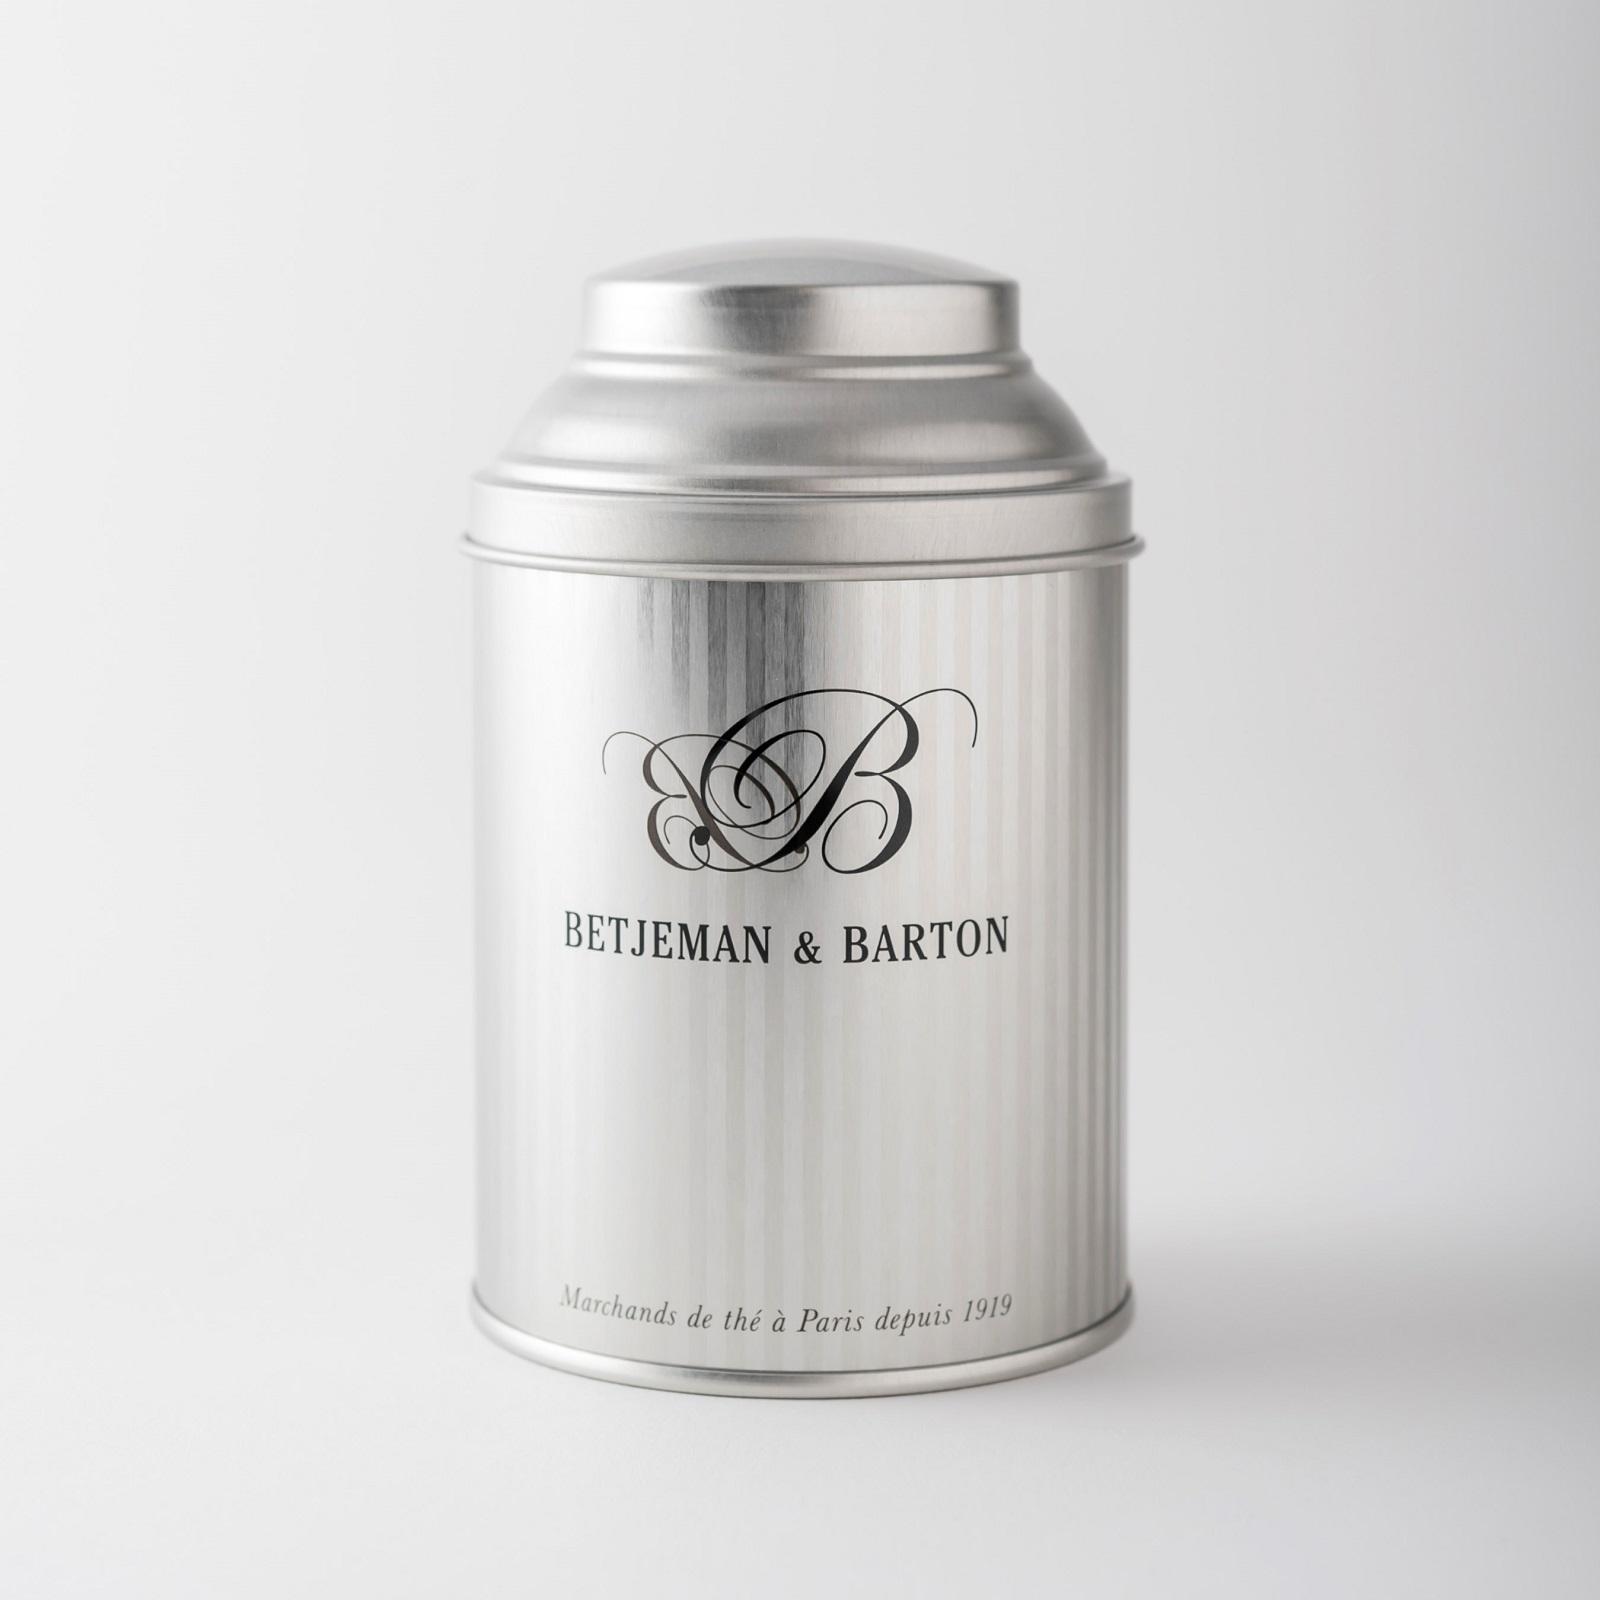 Earl Grey Finest アールグレイフィネスト 70g缶